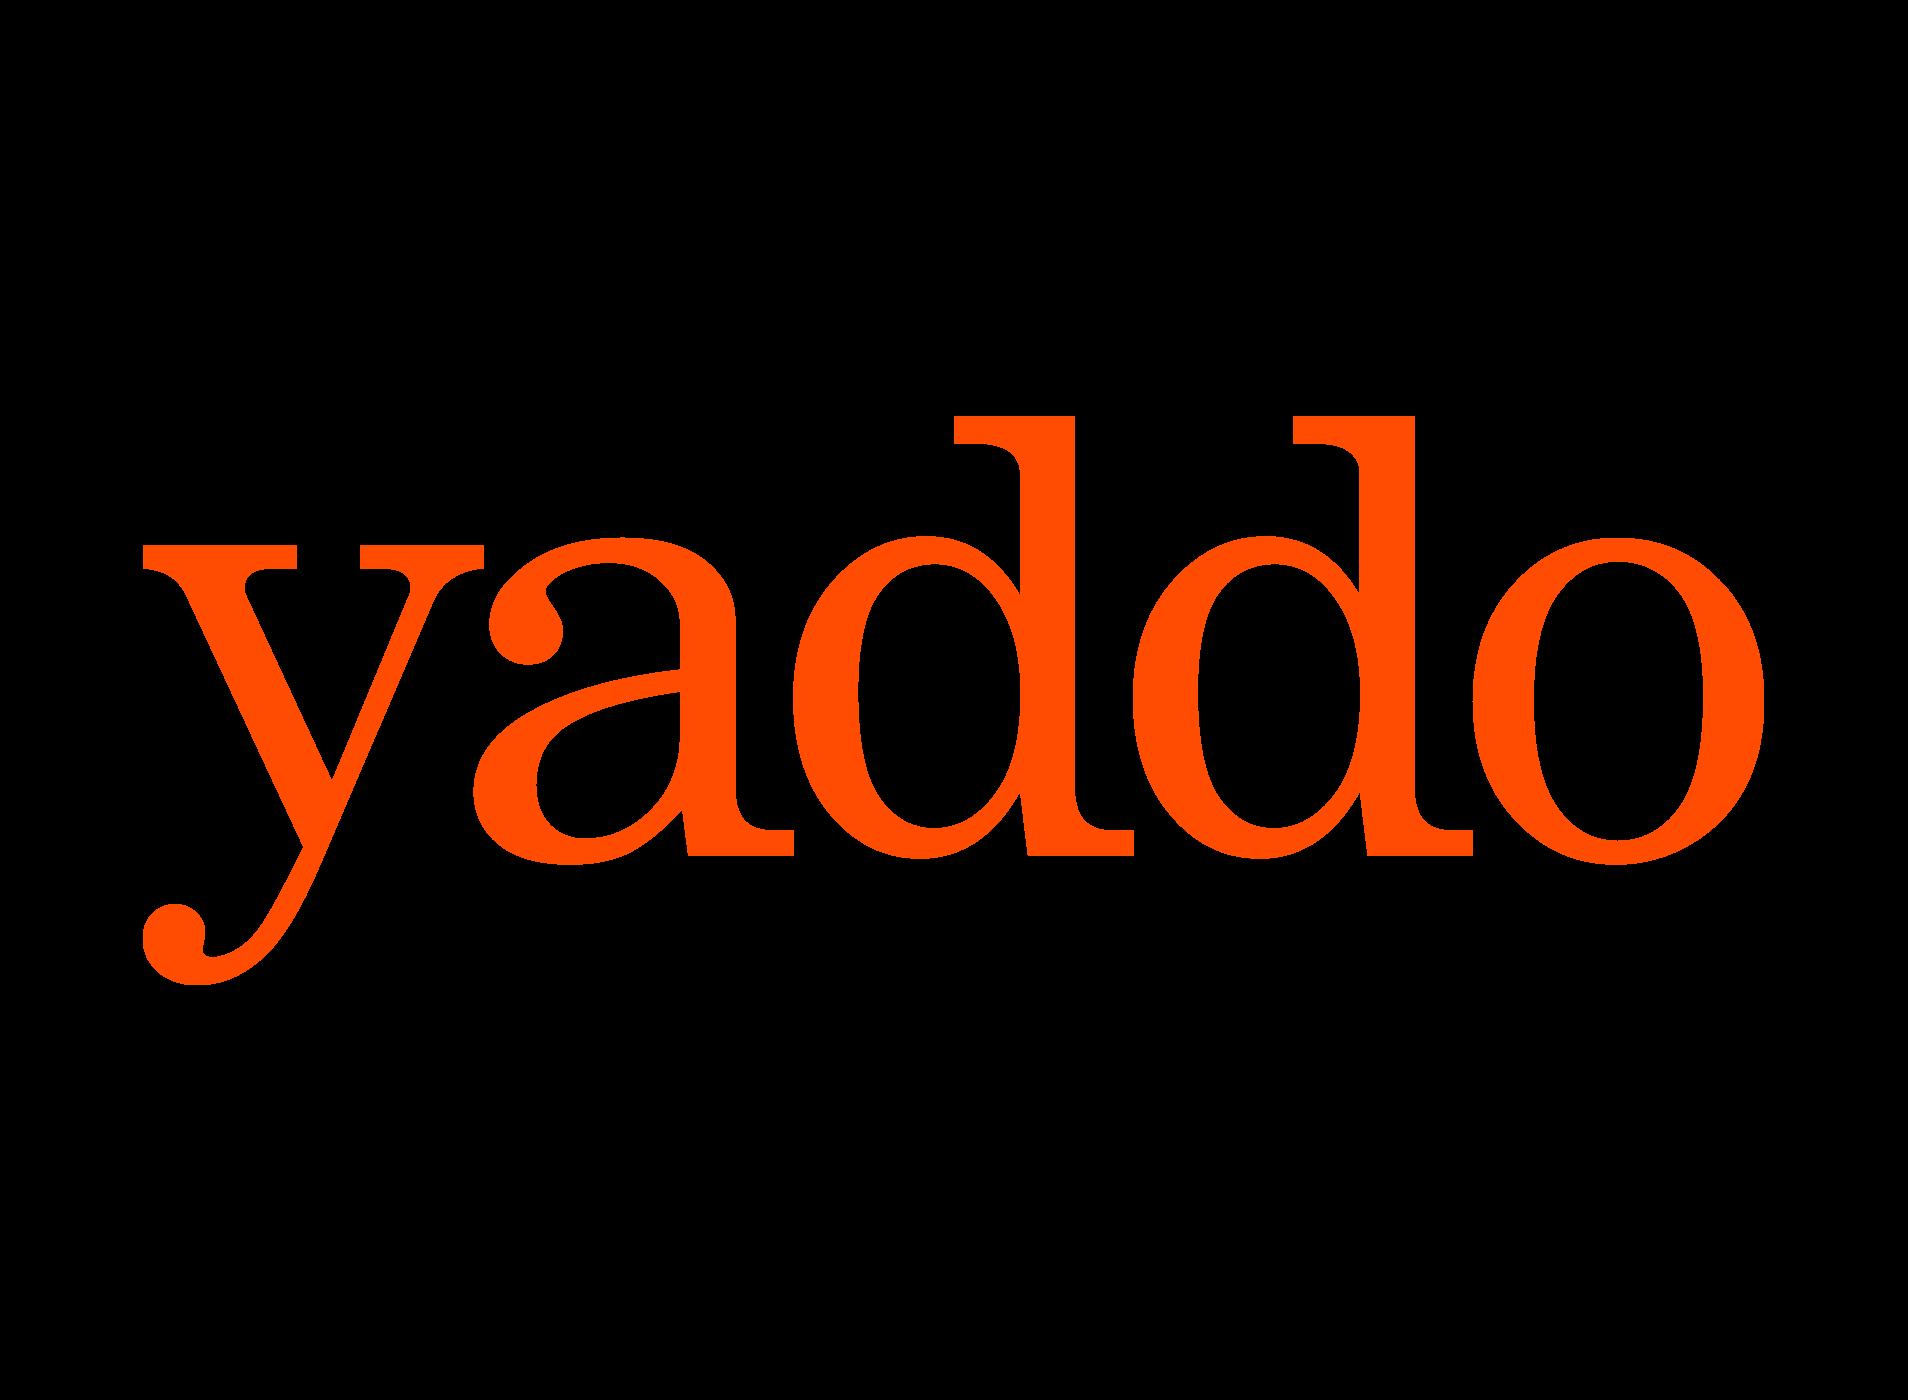 yaddo logo